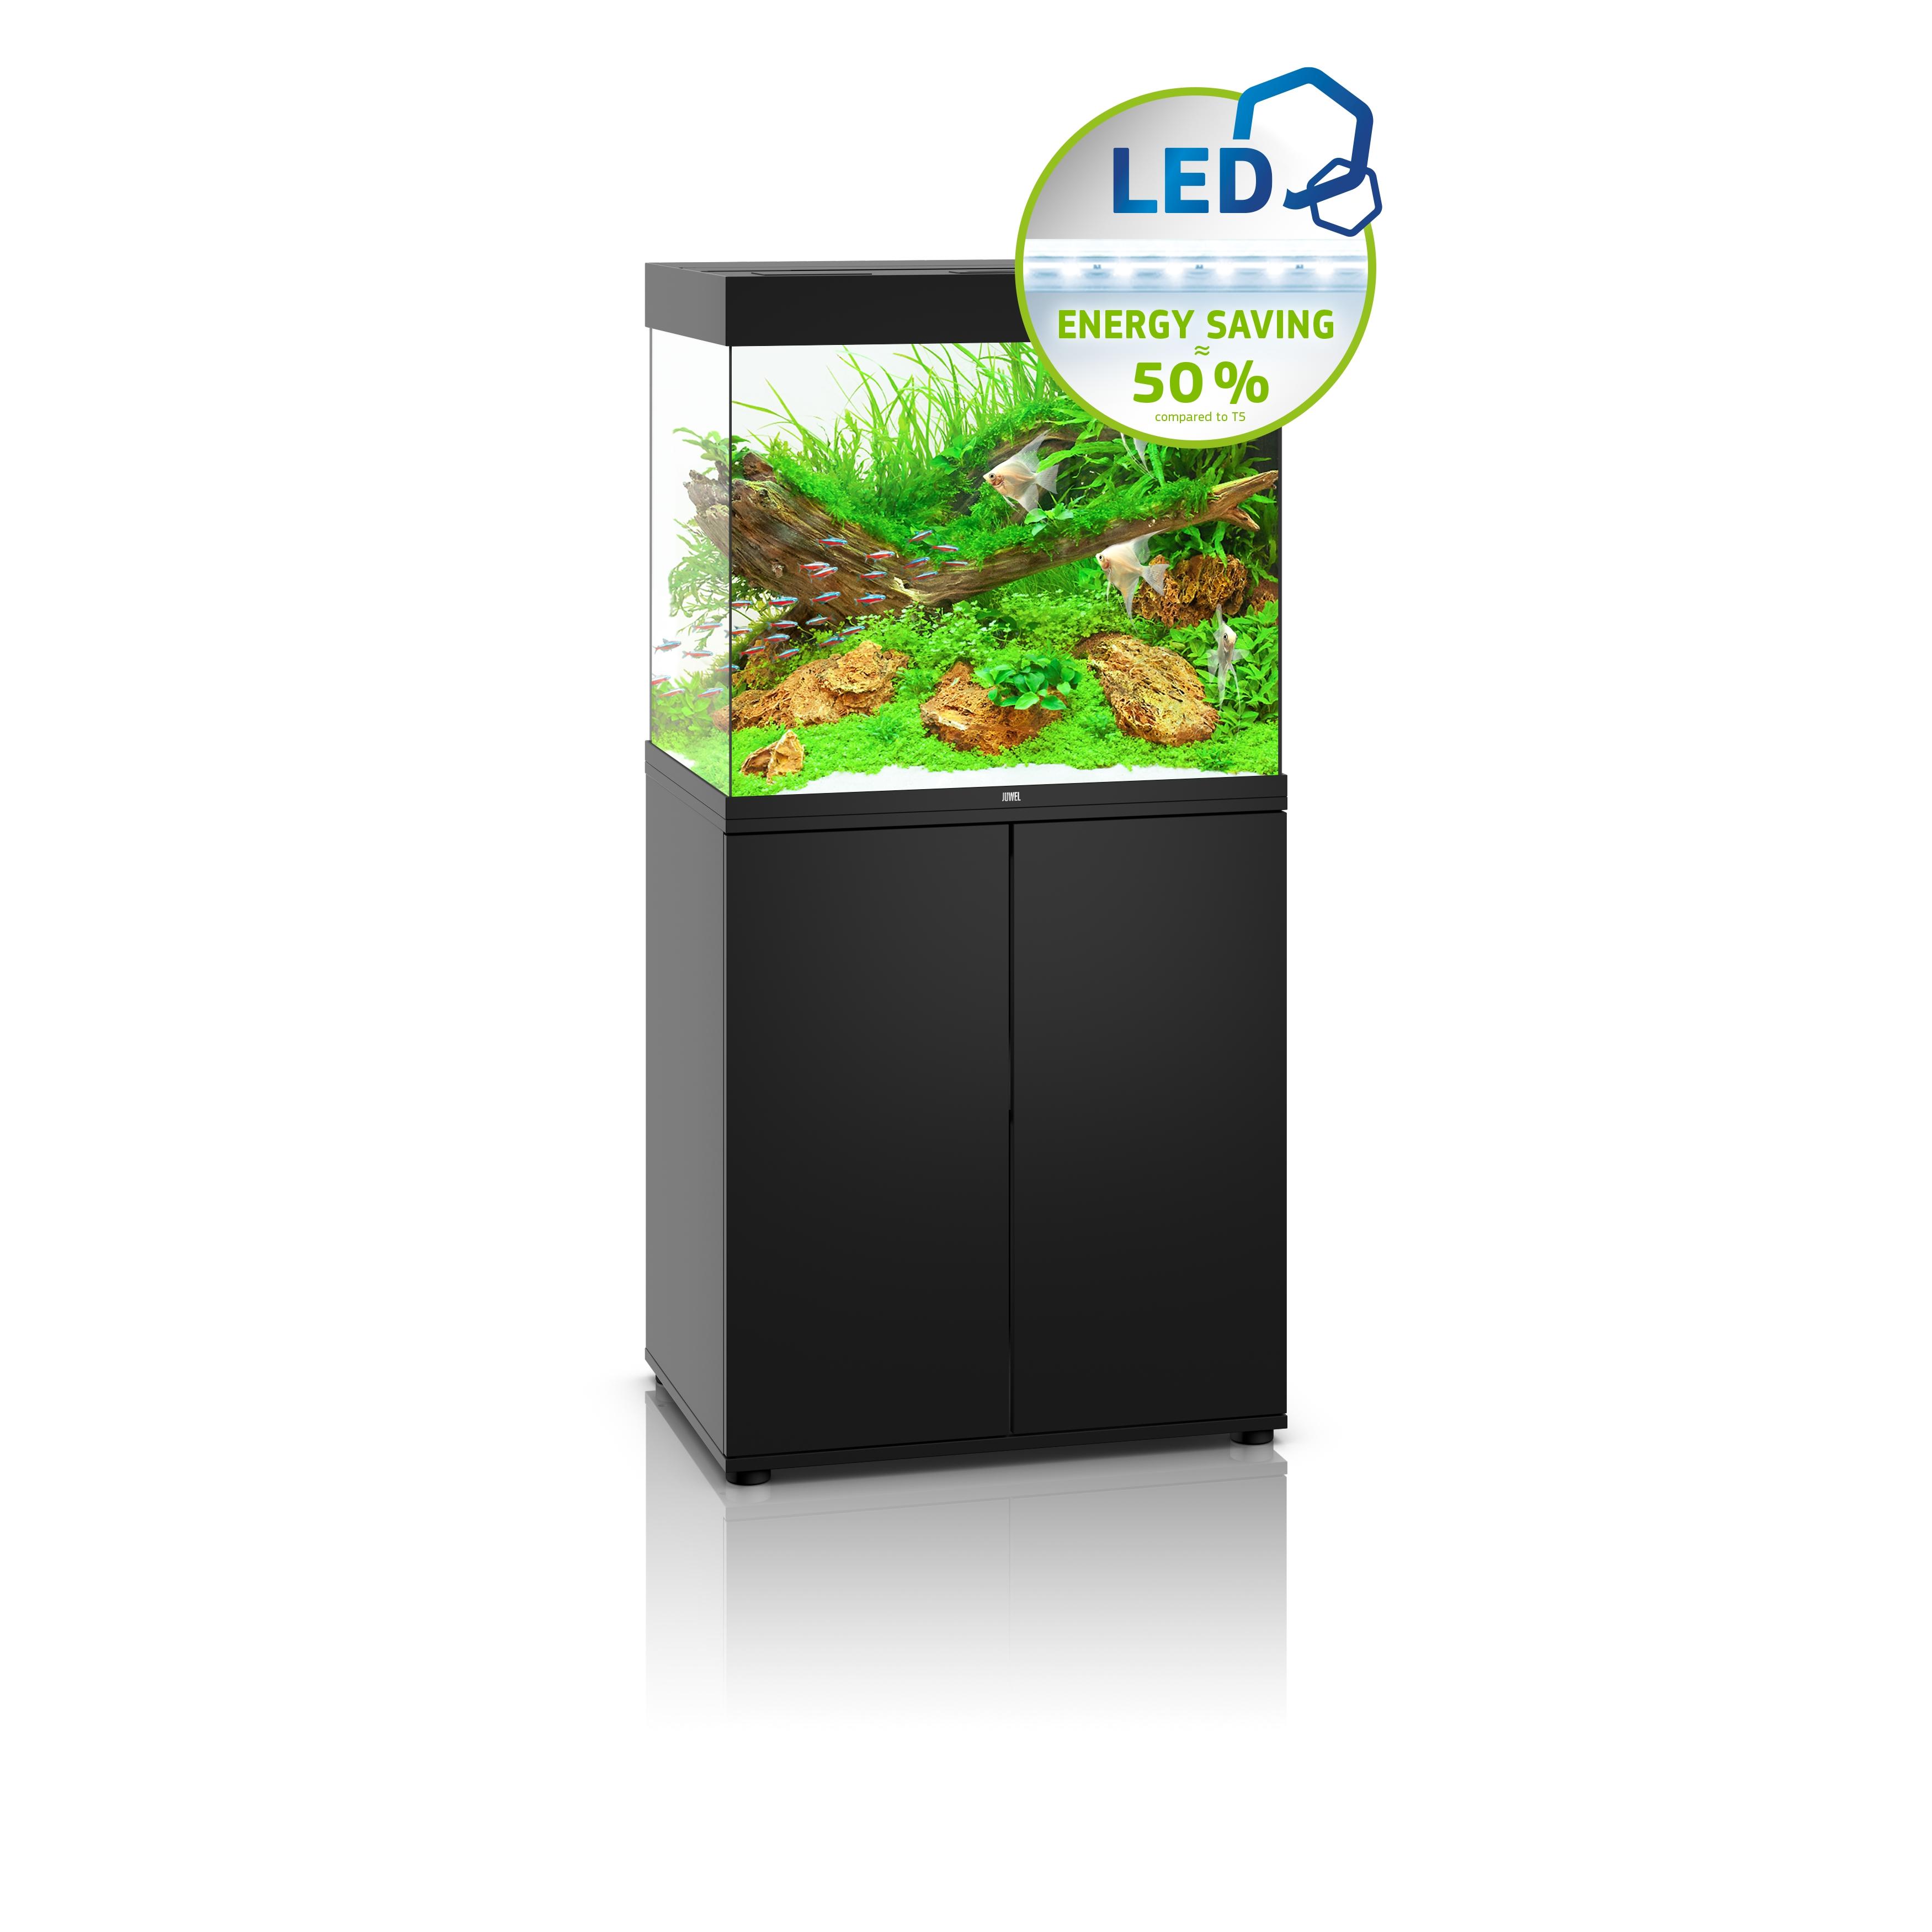 Aquarium Juwel Lido 200 LED Image